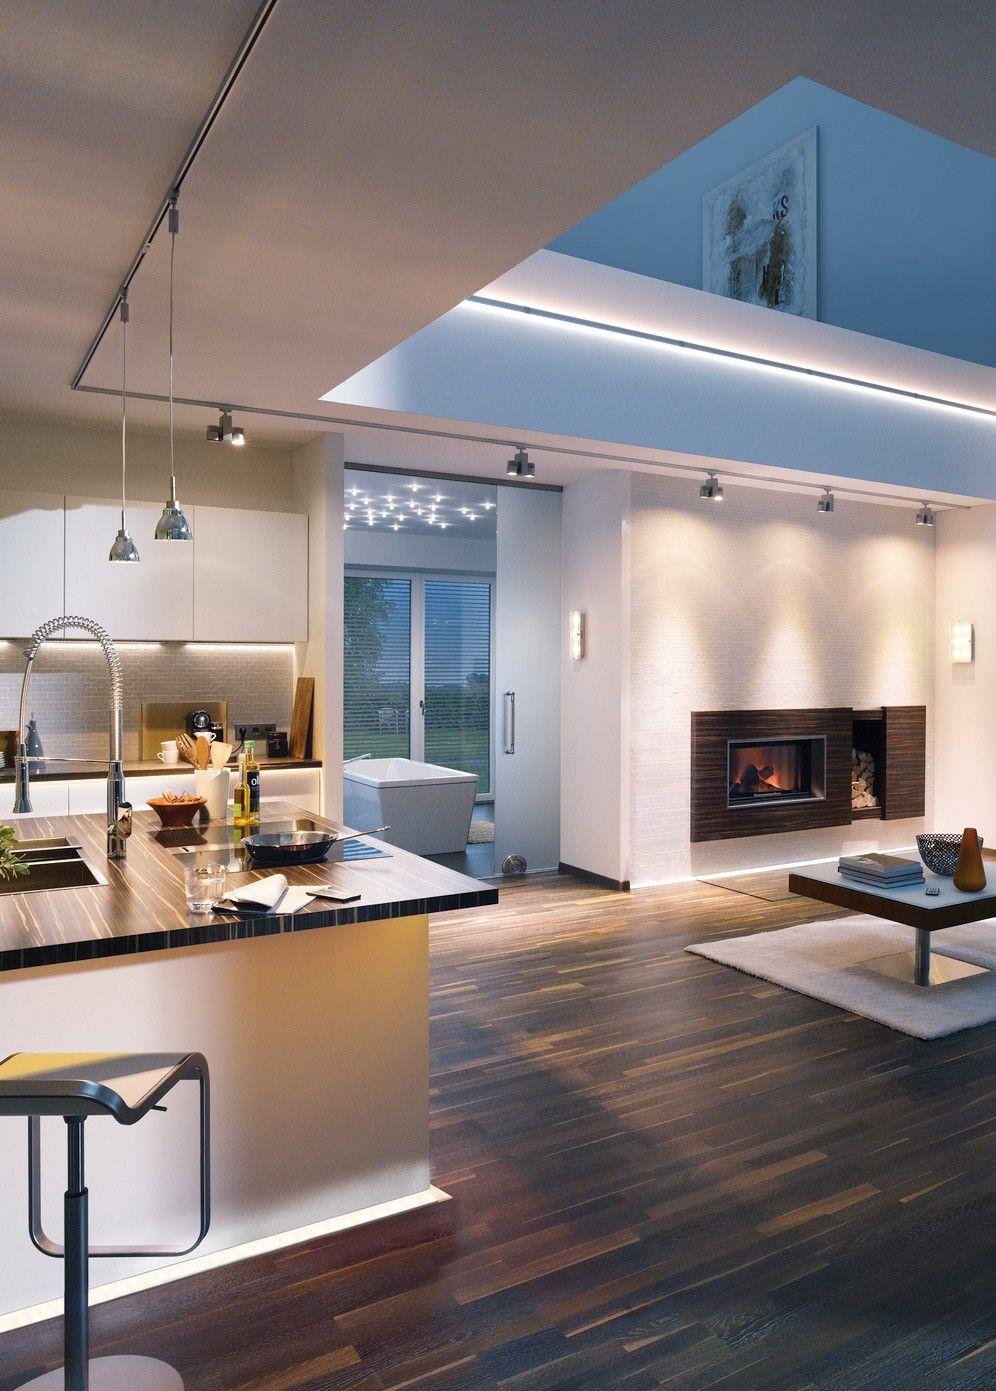 Schienensystem Urail Offener Wohnbereich Mit Bildern Beleuchtung Wohnzimmer Kuche Licht Haus Design